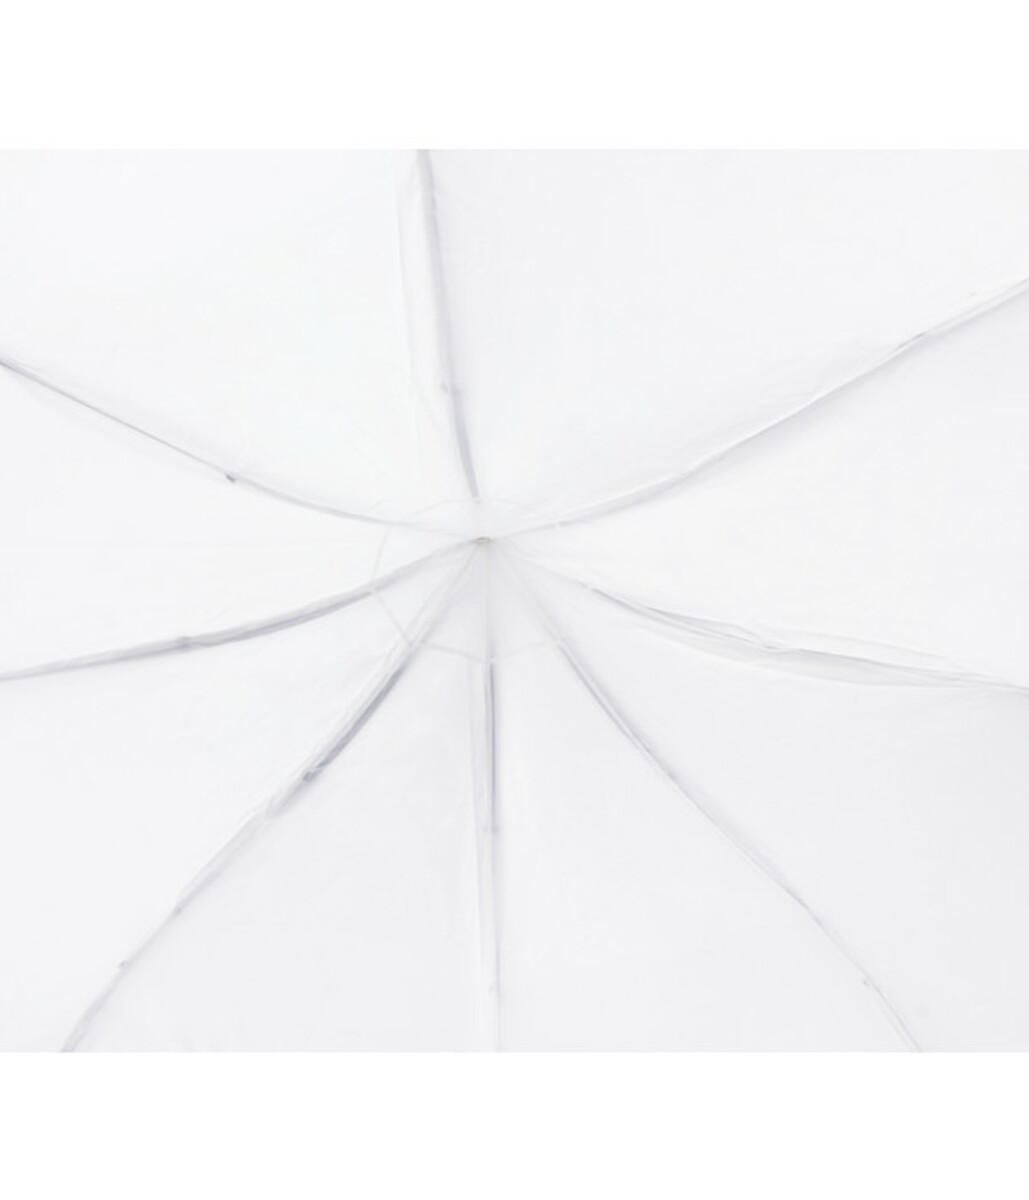 Bild 4 von tepro Gartenpavillin Rowa, ca. Ø 298 x 340 cm